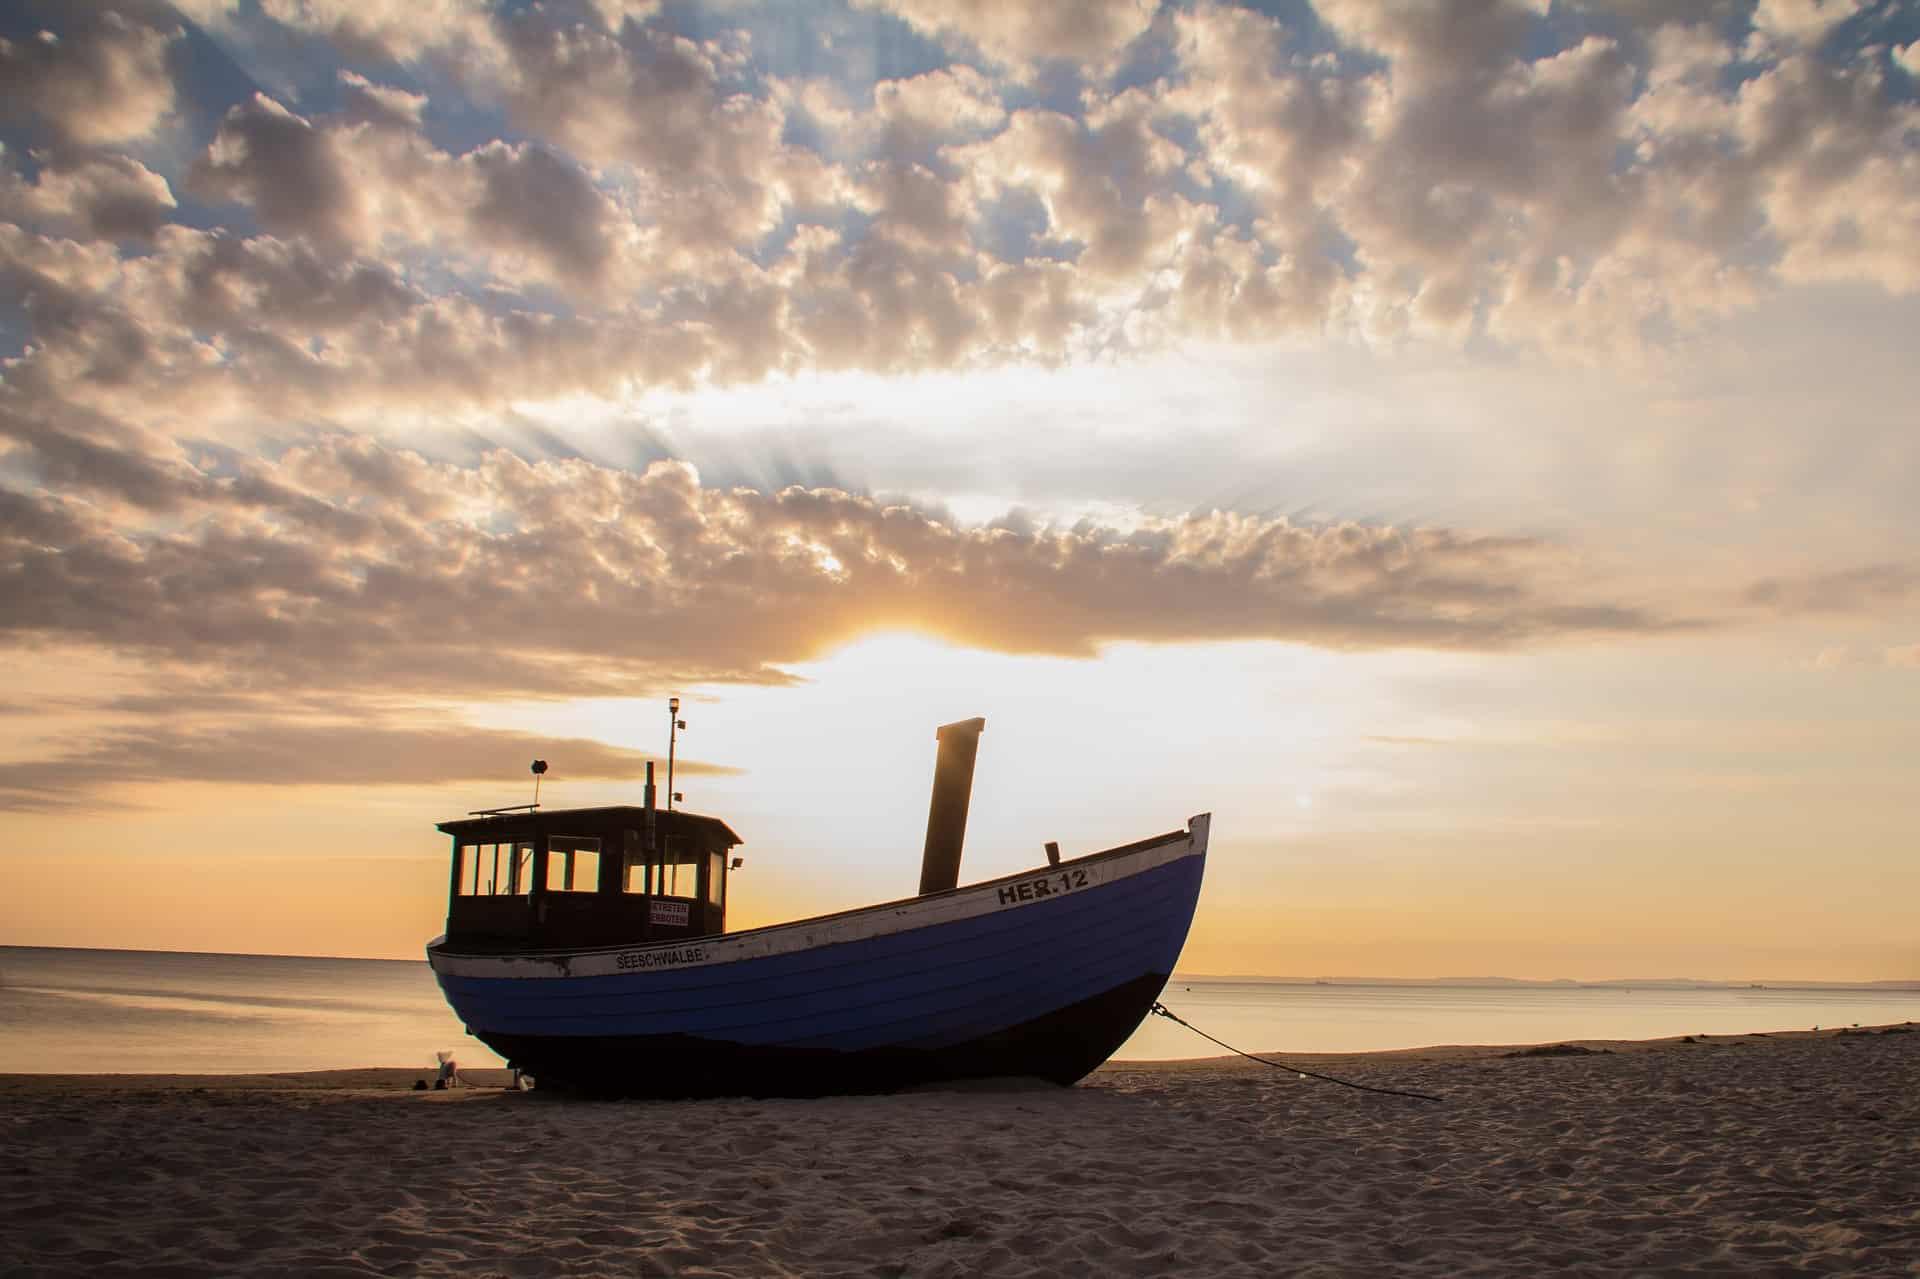 Wellness Wochenende in Polen ab 25,20€   Polnische Ostsee 1